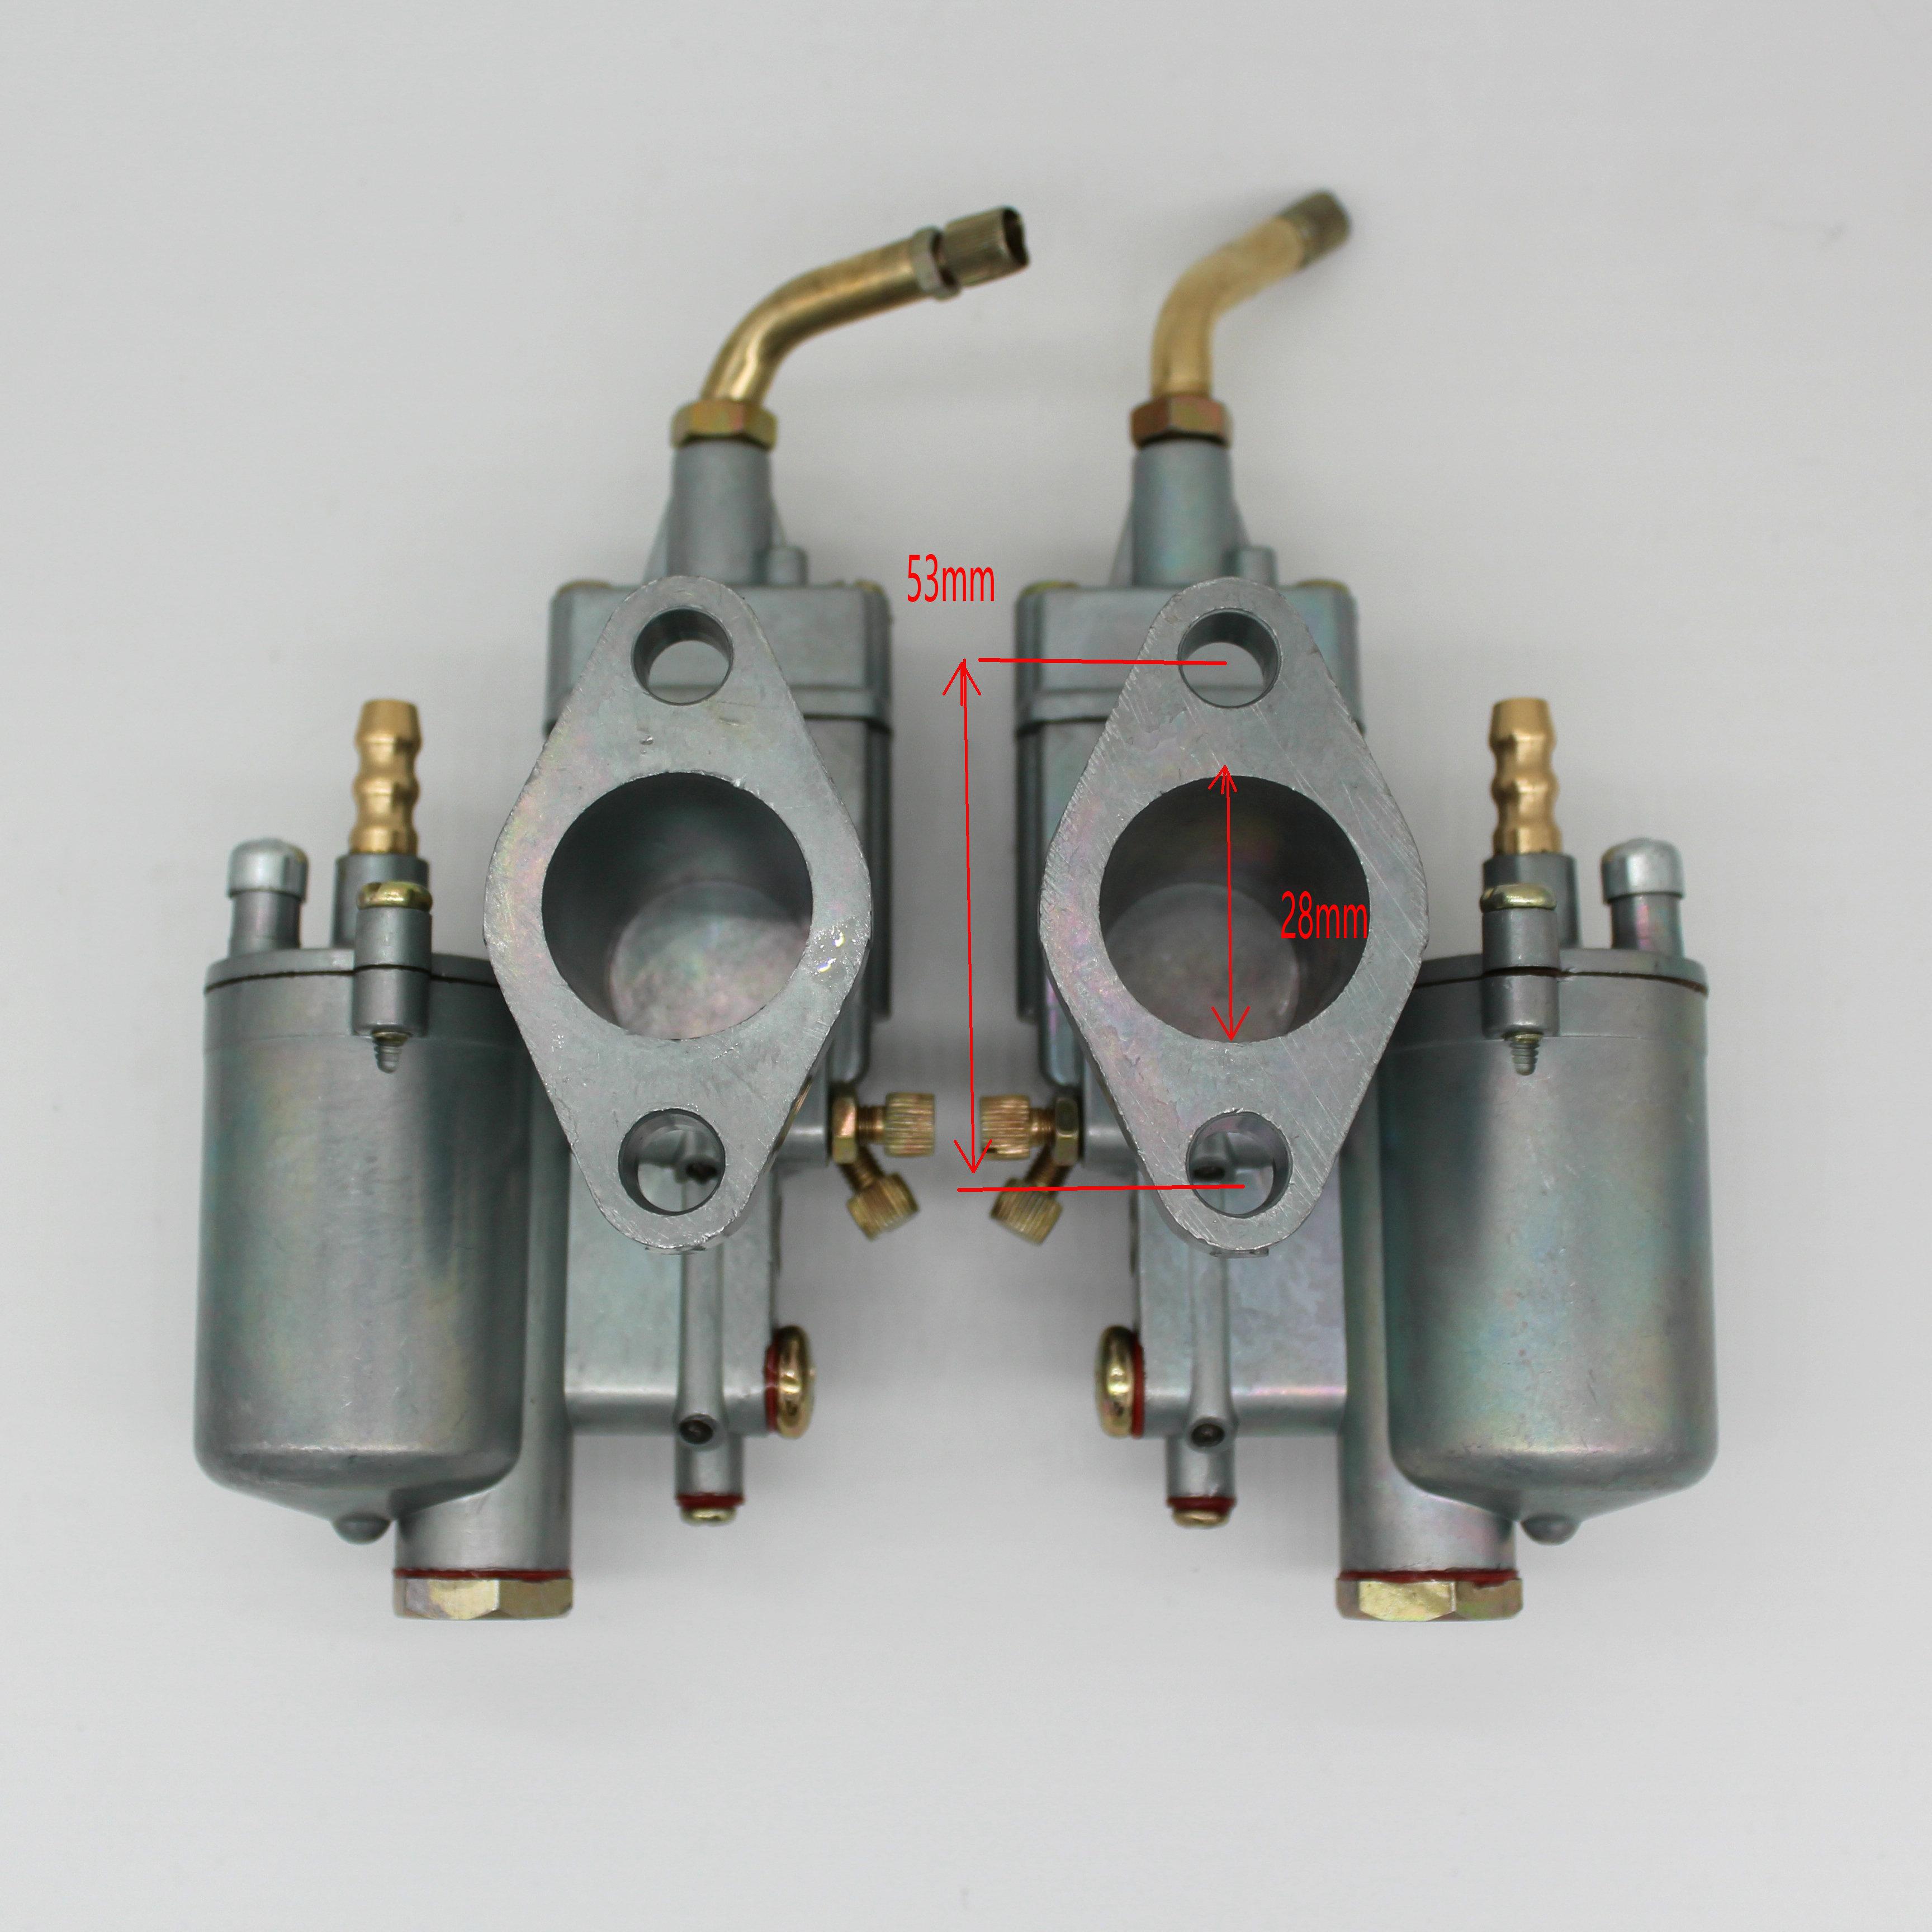 Haute Performance 1 paire gauche et droite 28mm Carb paire carburateur Vergaser Carb y fit pour K302 BMW M72 MT URAL K750 MW Dnepr